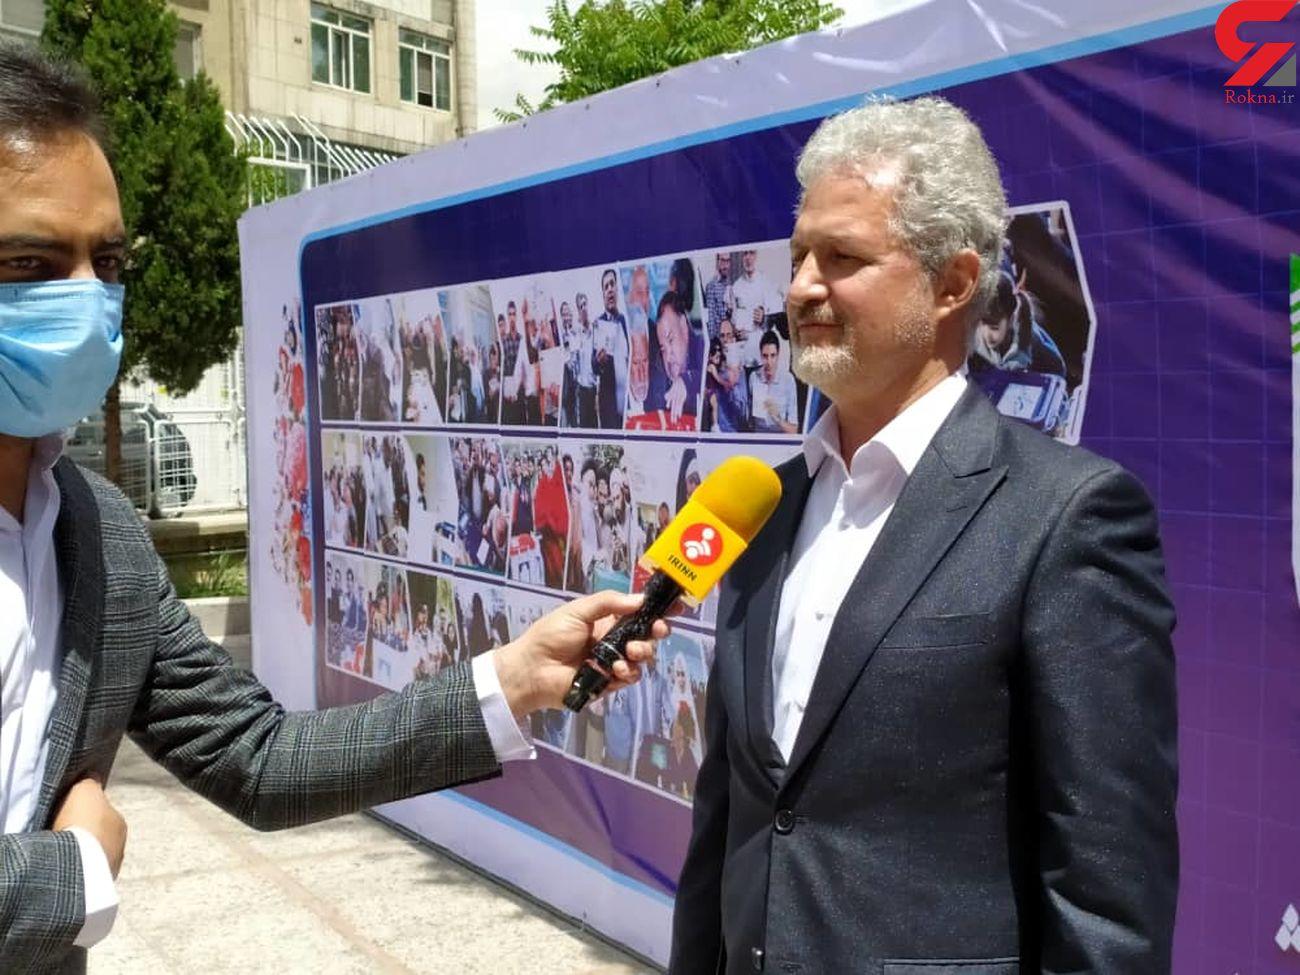 دیپلمات ایرانی در نیویورک کاندید انتخابات 1400 شد + فیلم